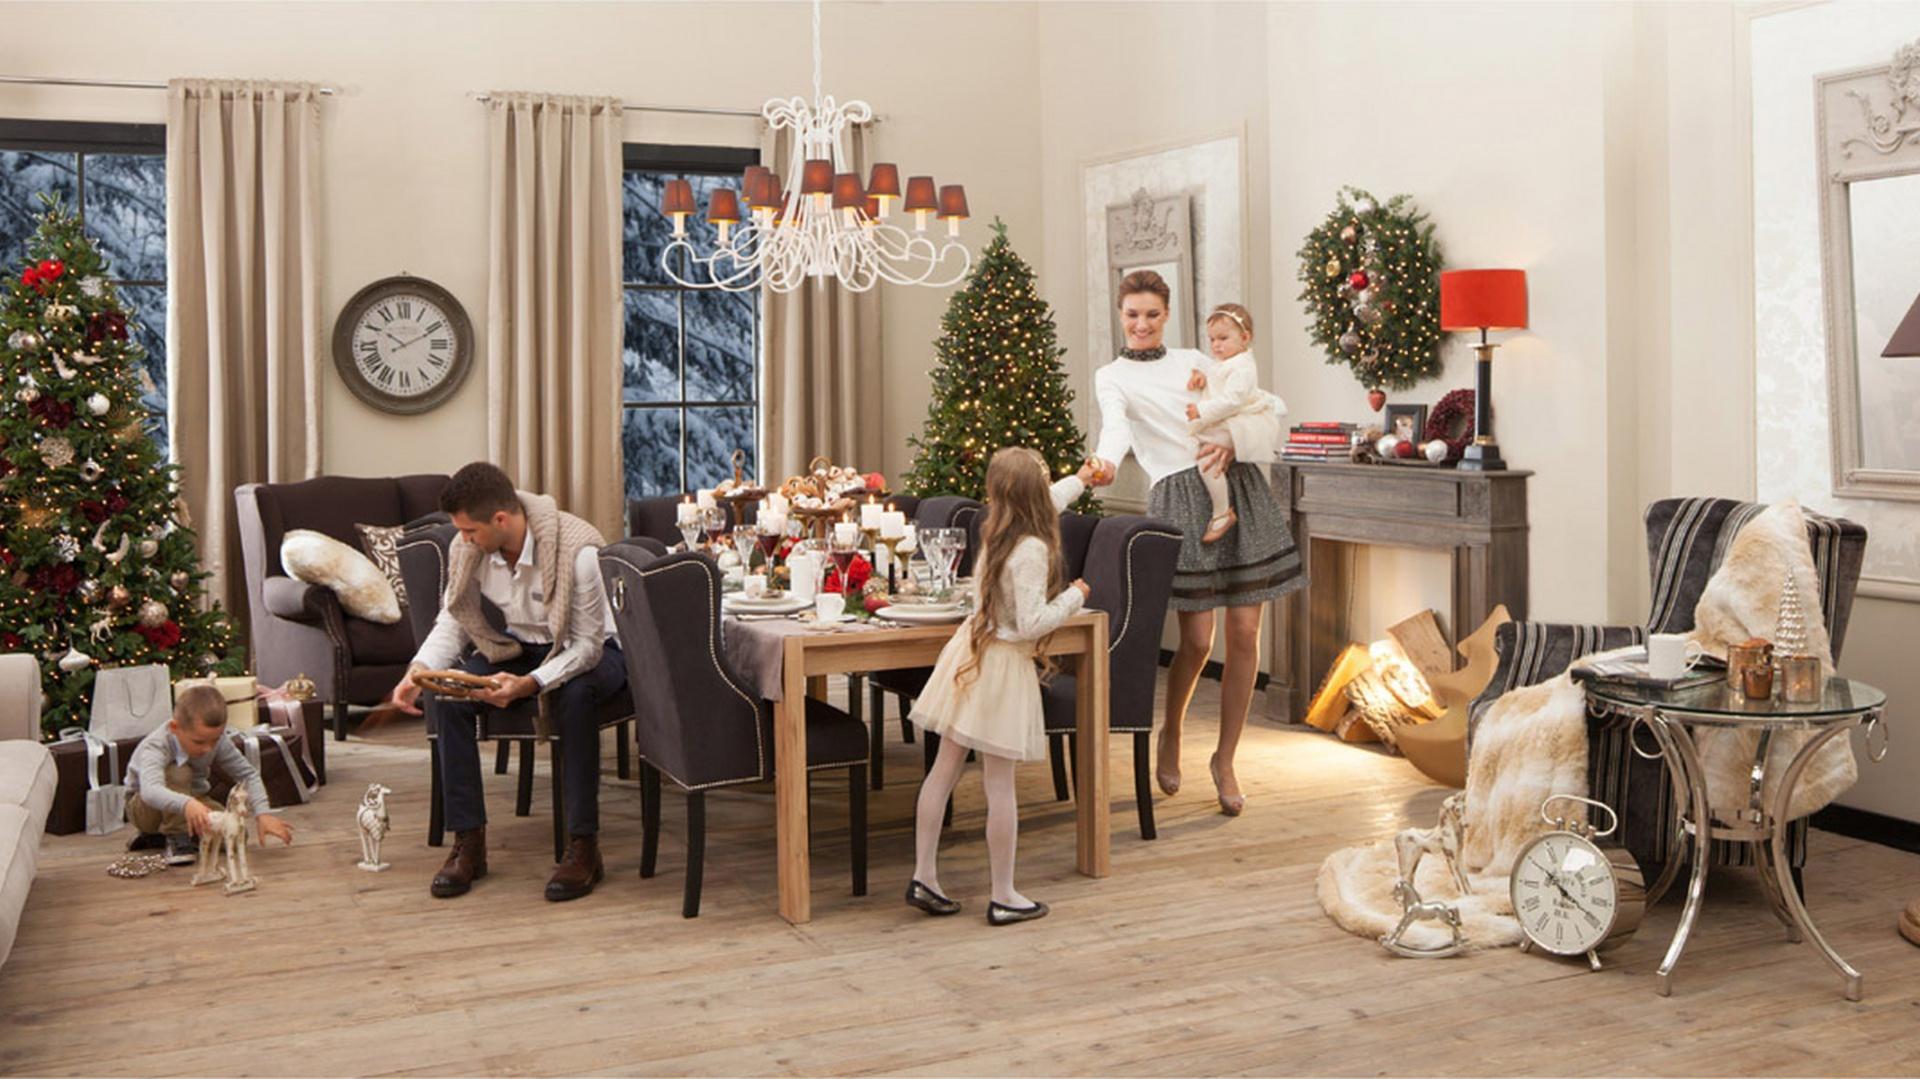 Świąteczne dekoracje z kolekcji British Chic marki Almi Decor w tradycyjnych bożonarodzeniowych kolorach. Fot. Almi Decor.